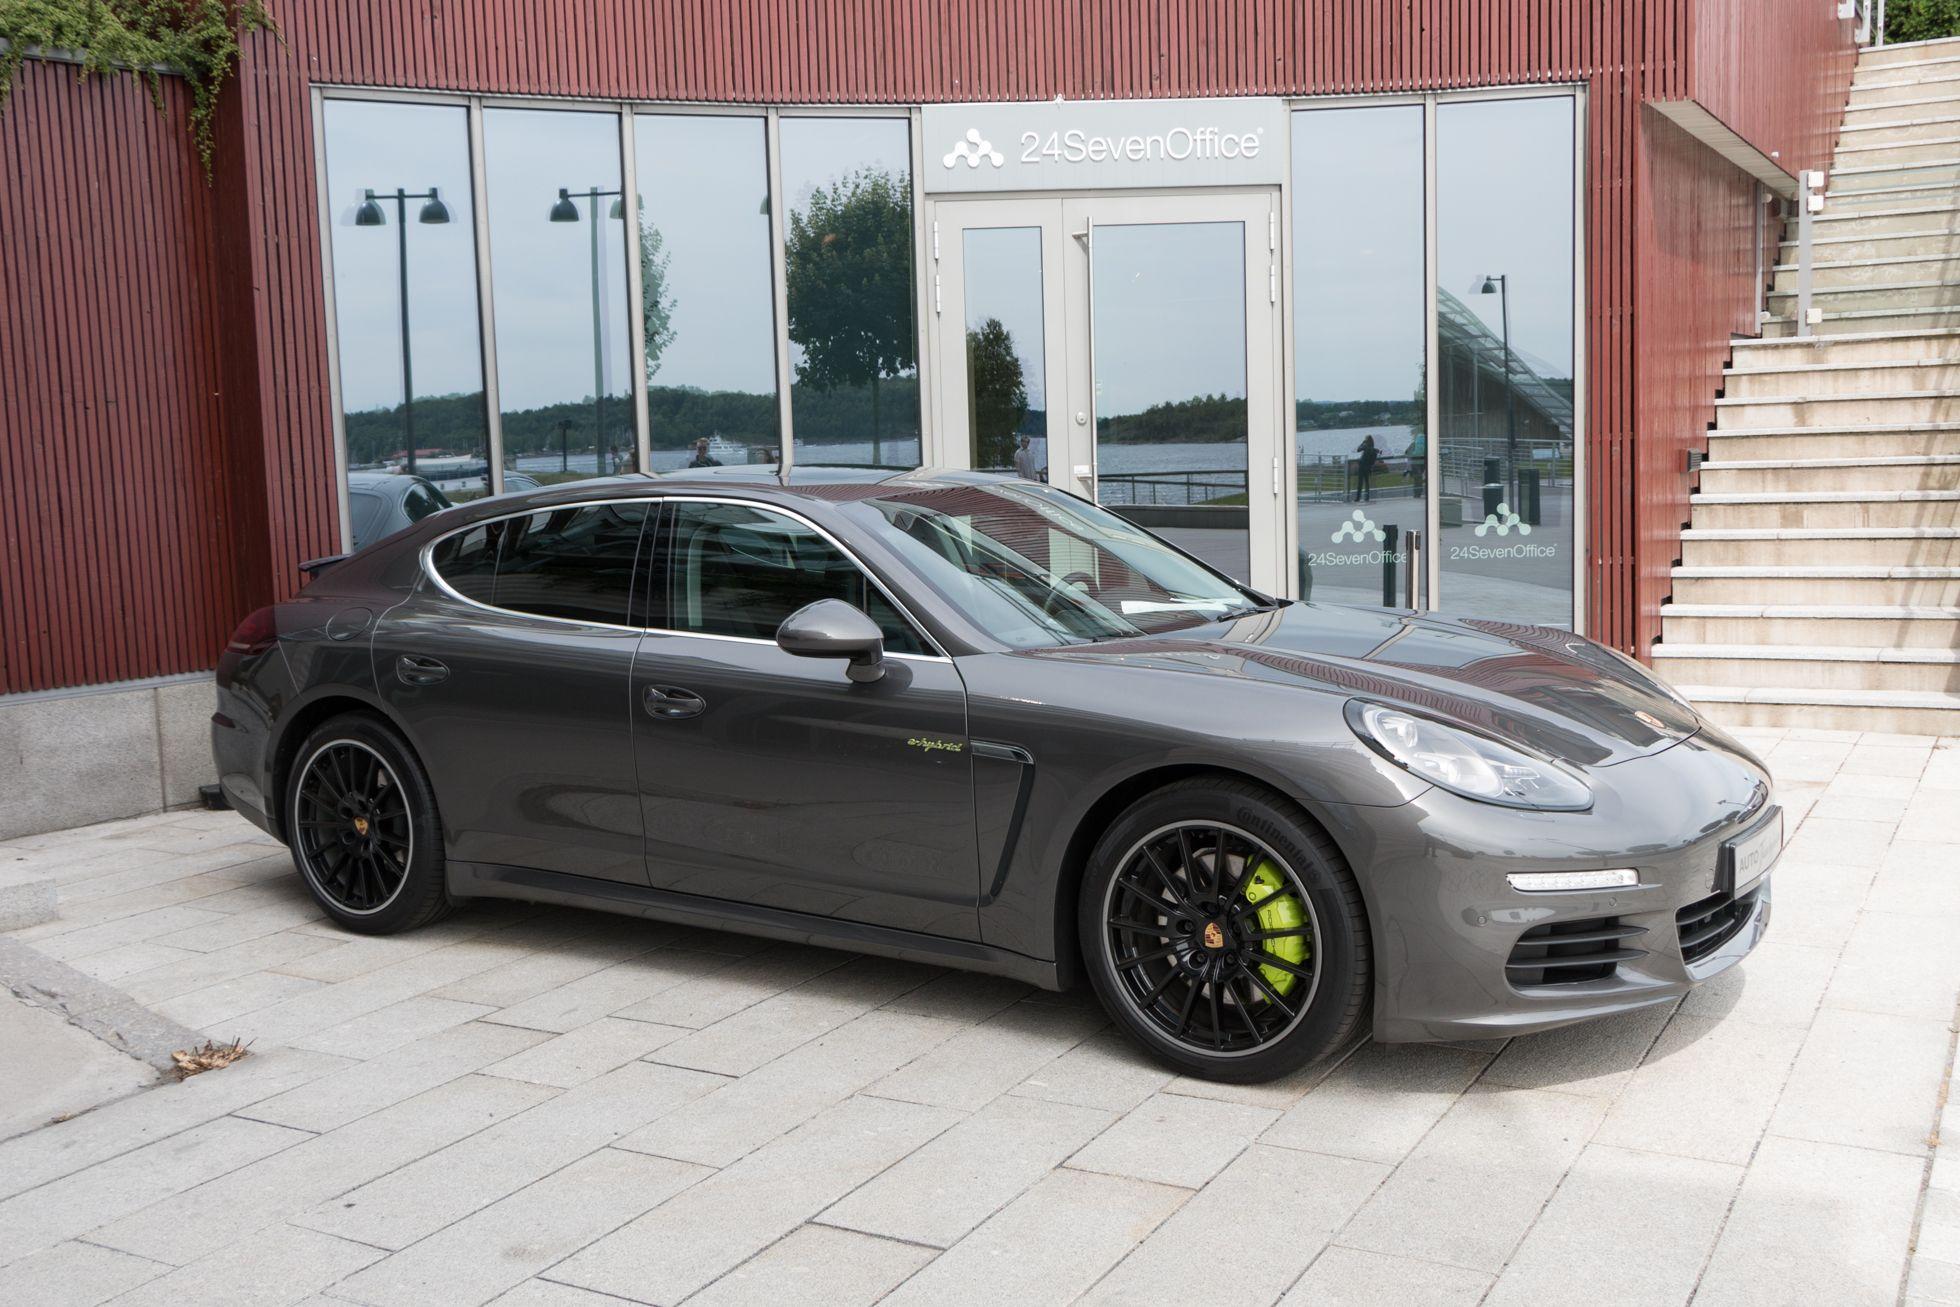 Elektromobilität: Staatliche Finanzhilfen elektrisieren Norwegen - ... und einen Porsche Panamera. Beide haben einen Hybrid-Antrieb. (Foto: Werner Pluta/Golem.de)